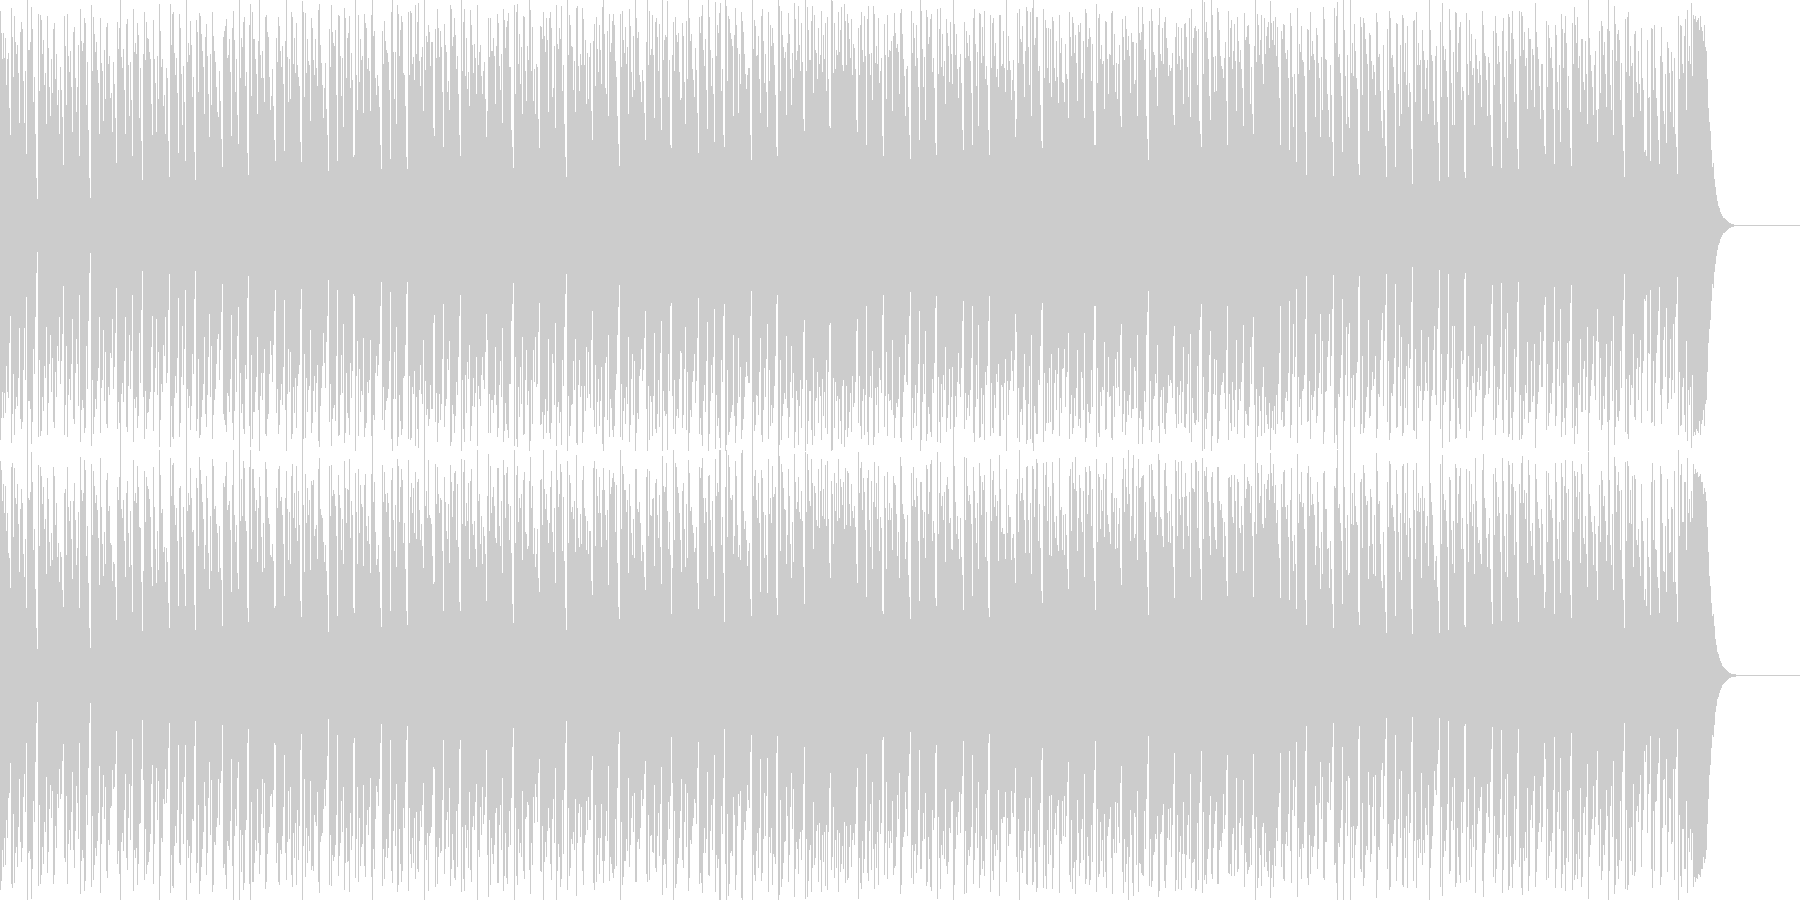 ループがしやすいミニマルテクノの未再生の波形